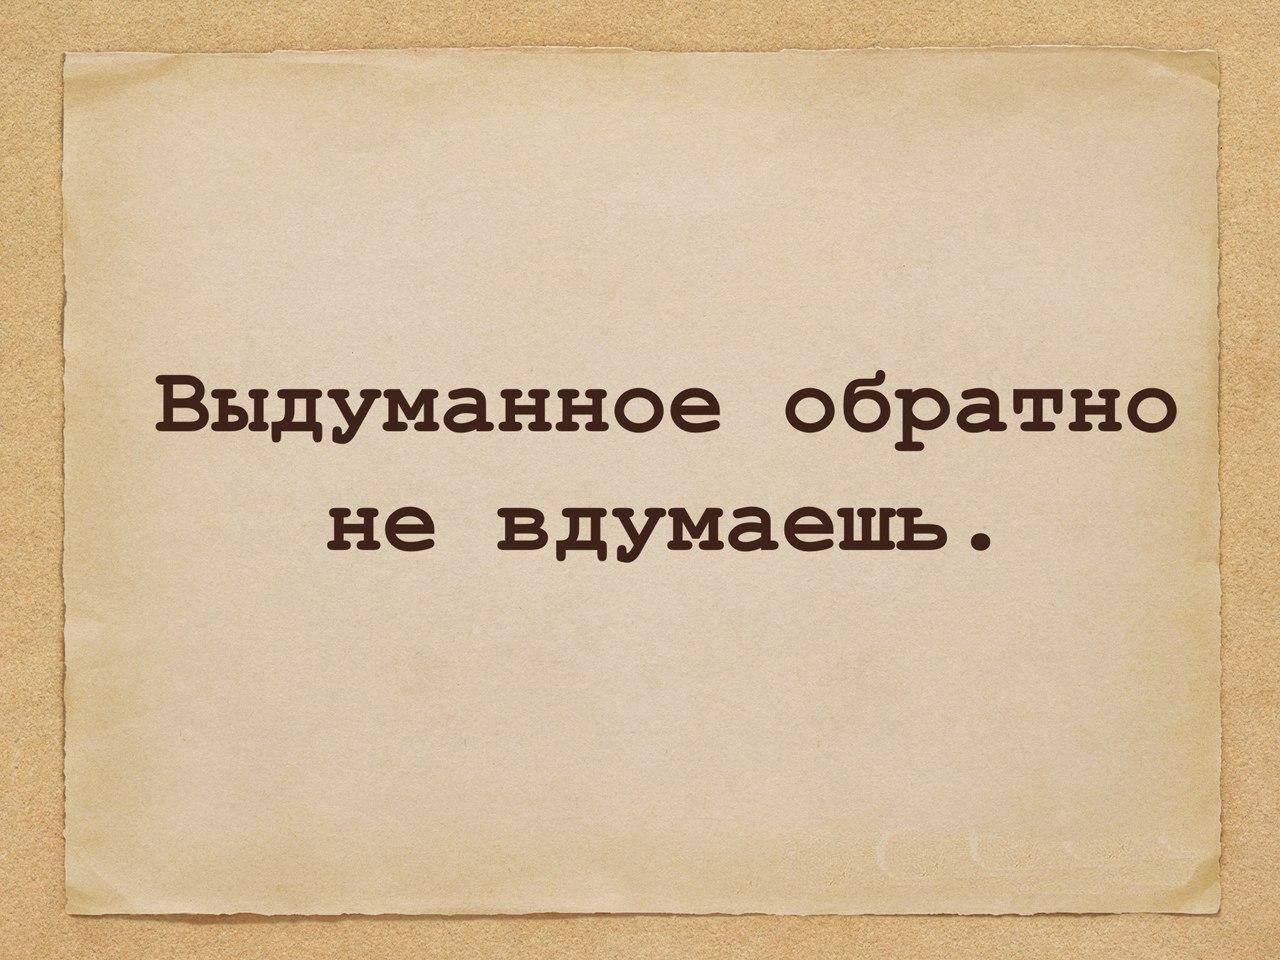 https://pp.userapi.com/c841433/v841433236/27aeb/nDO_4CsnID4.jpg